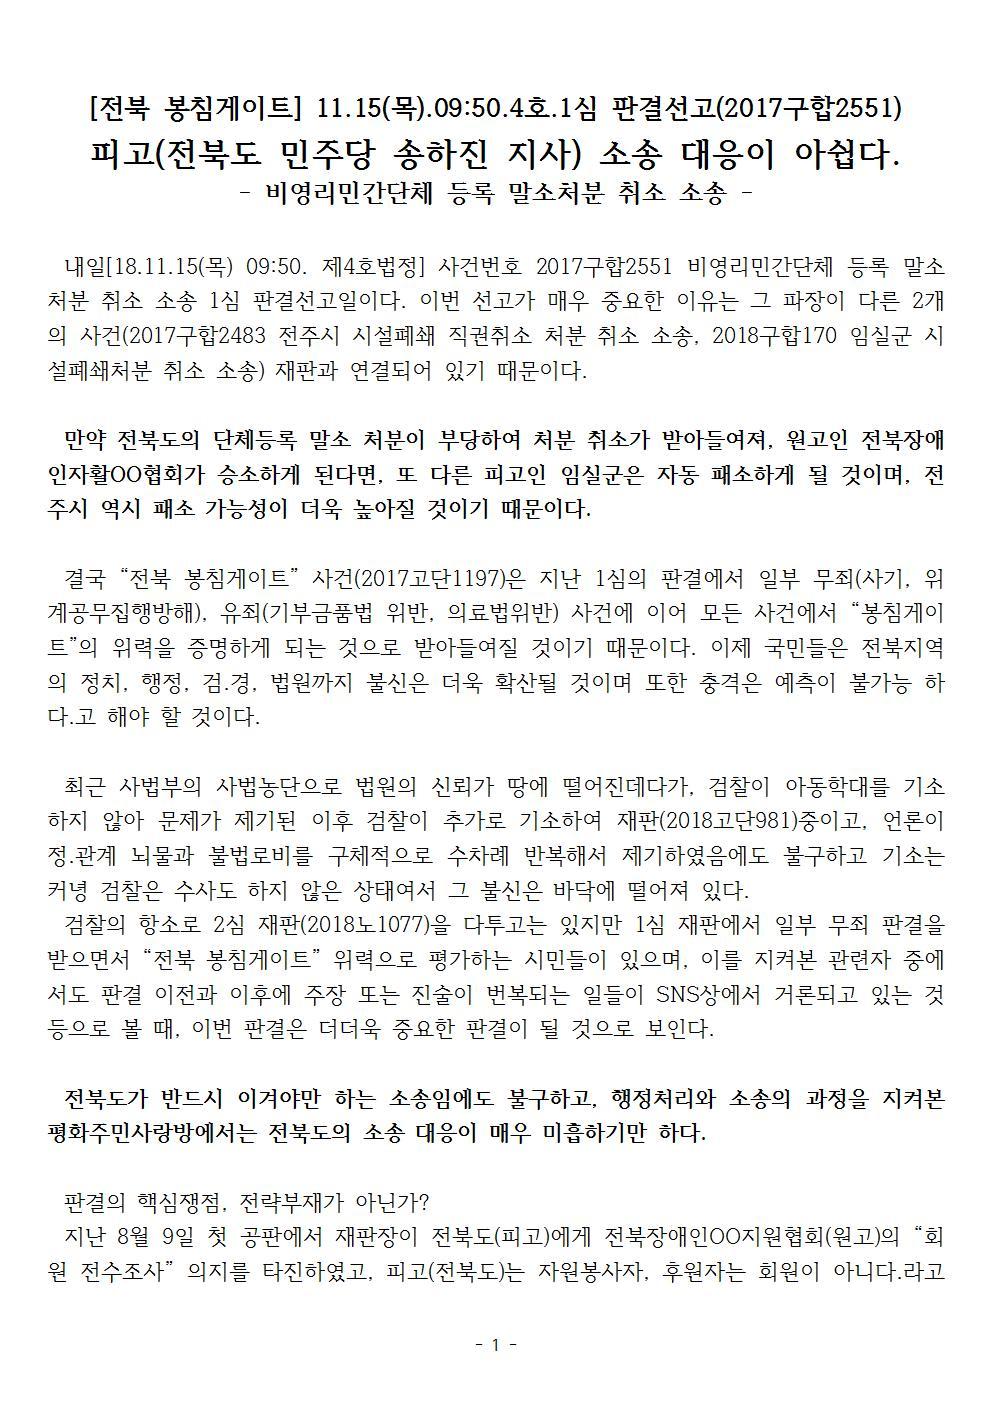 [전북 봉침게이트] 피고(전북도 민주당 송하진 지사) 소송 대응이 아쉽다001.jpg